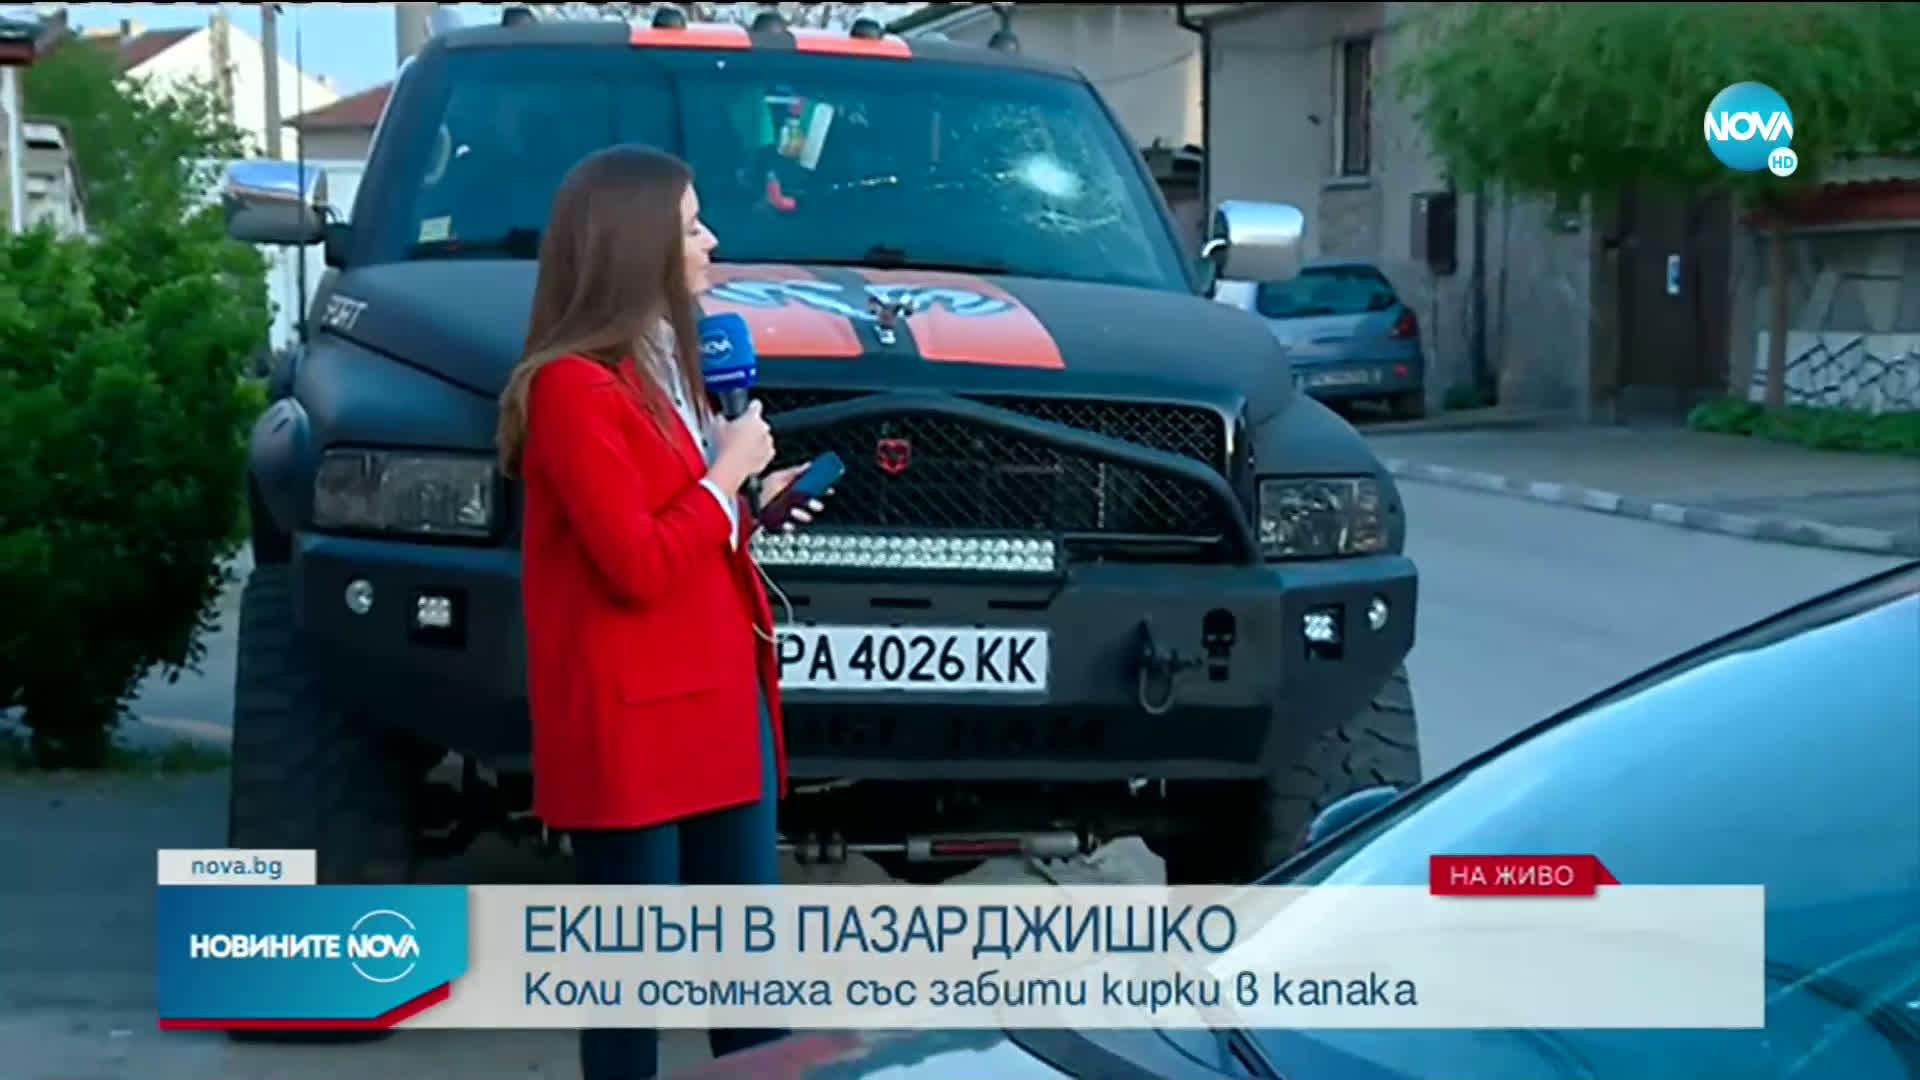 Коли осъмнаха със забити кирки в капаците в Пазарджишко